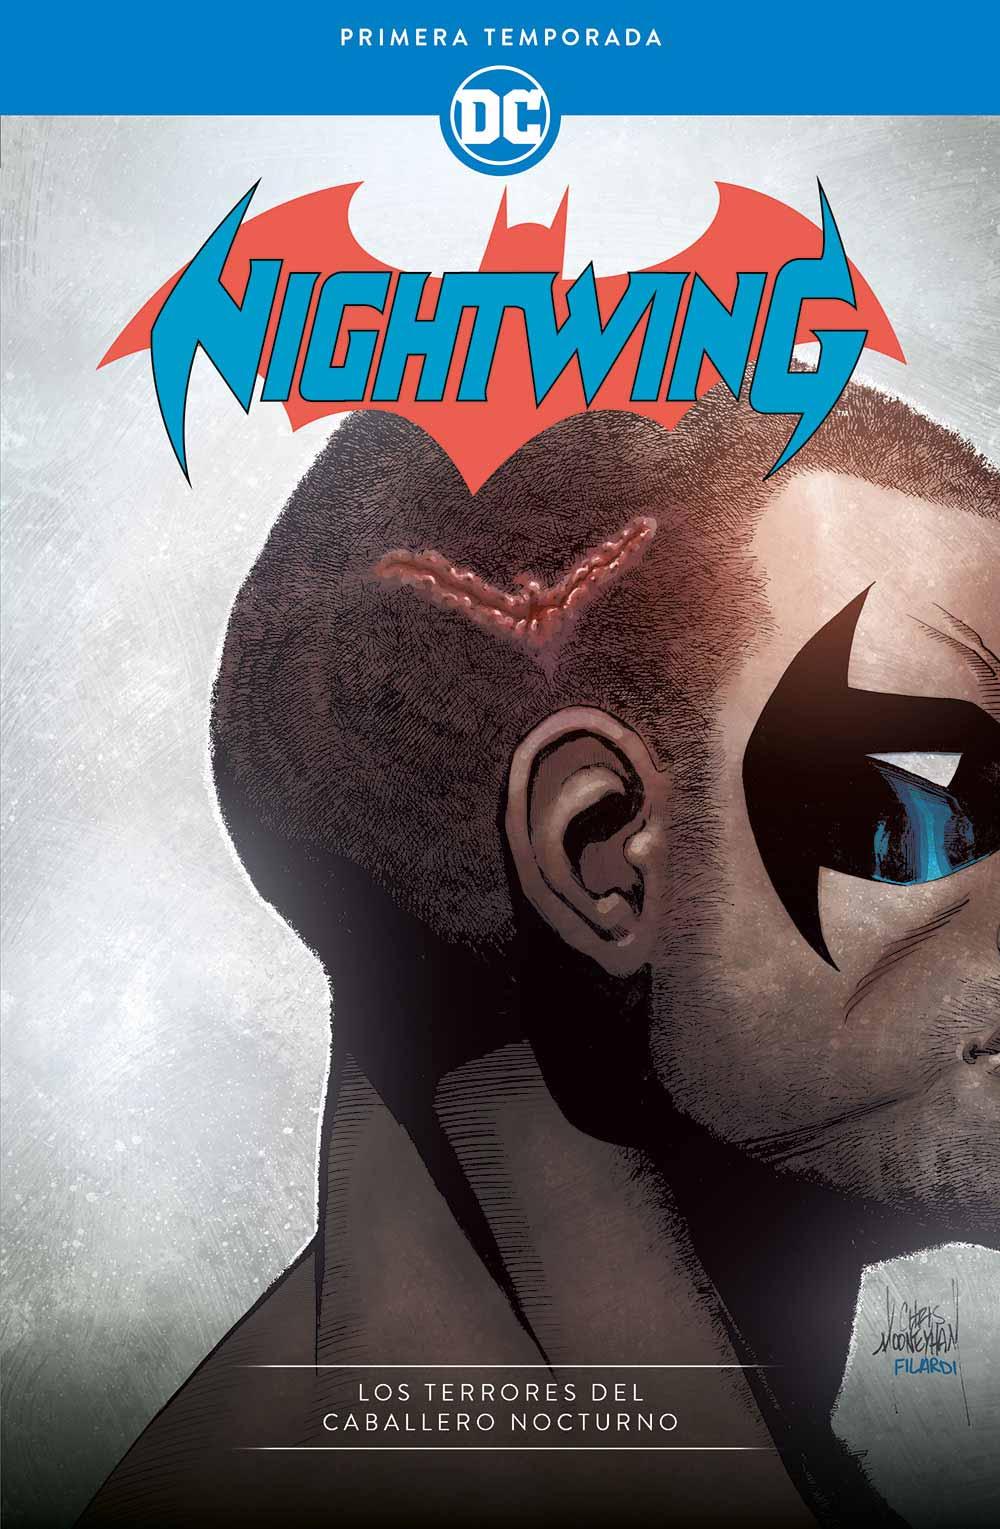 Portada de DC Comics editado en España por ECC Ediciones. Nightwing Los terrores del caballero nocturno